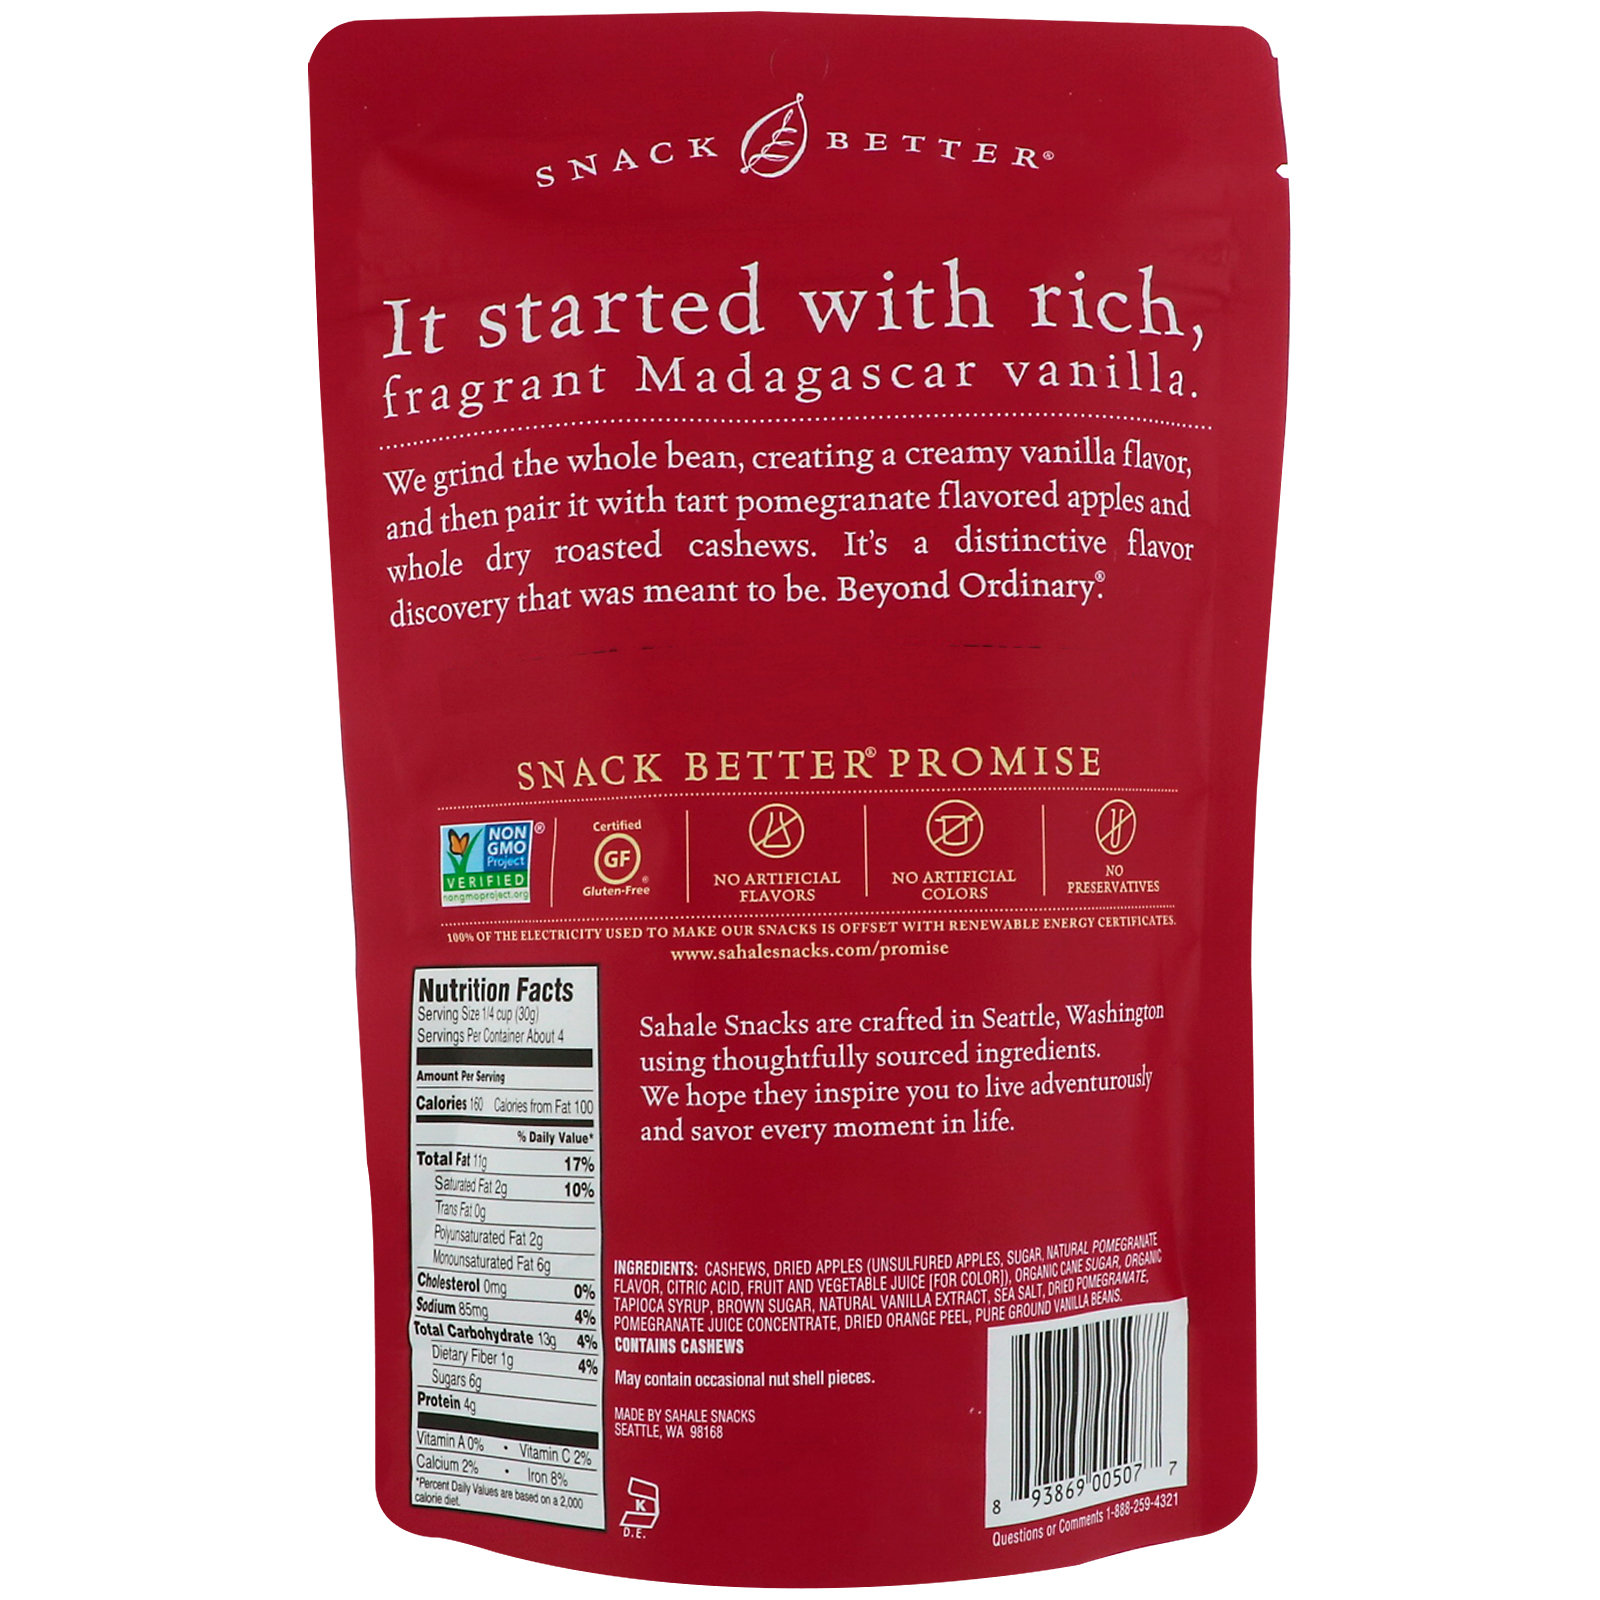 Sahale Snacks, Pomegranate Vanilla Flavored Cashews, 4 oz (113g)